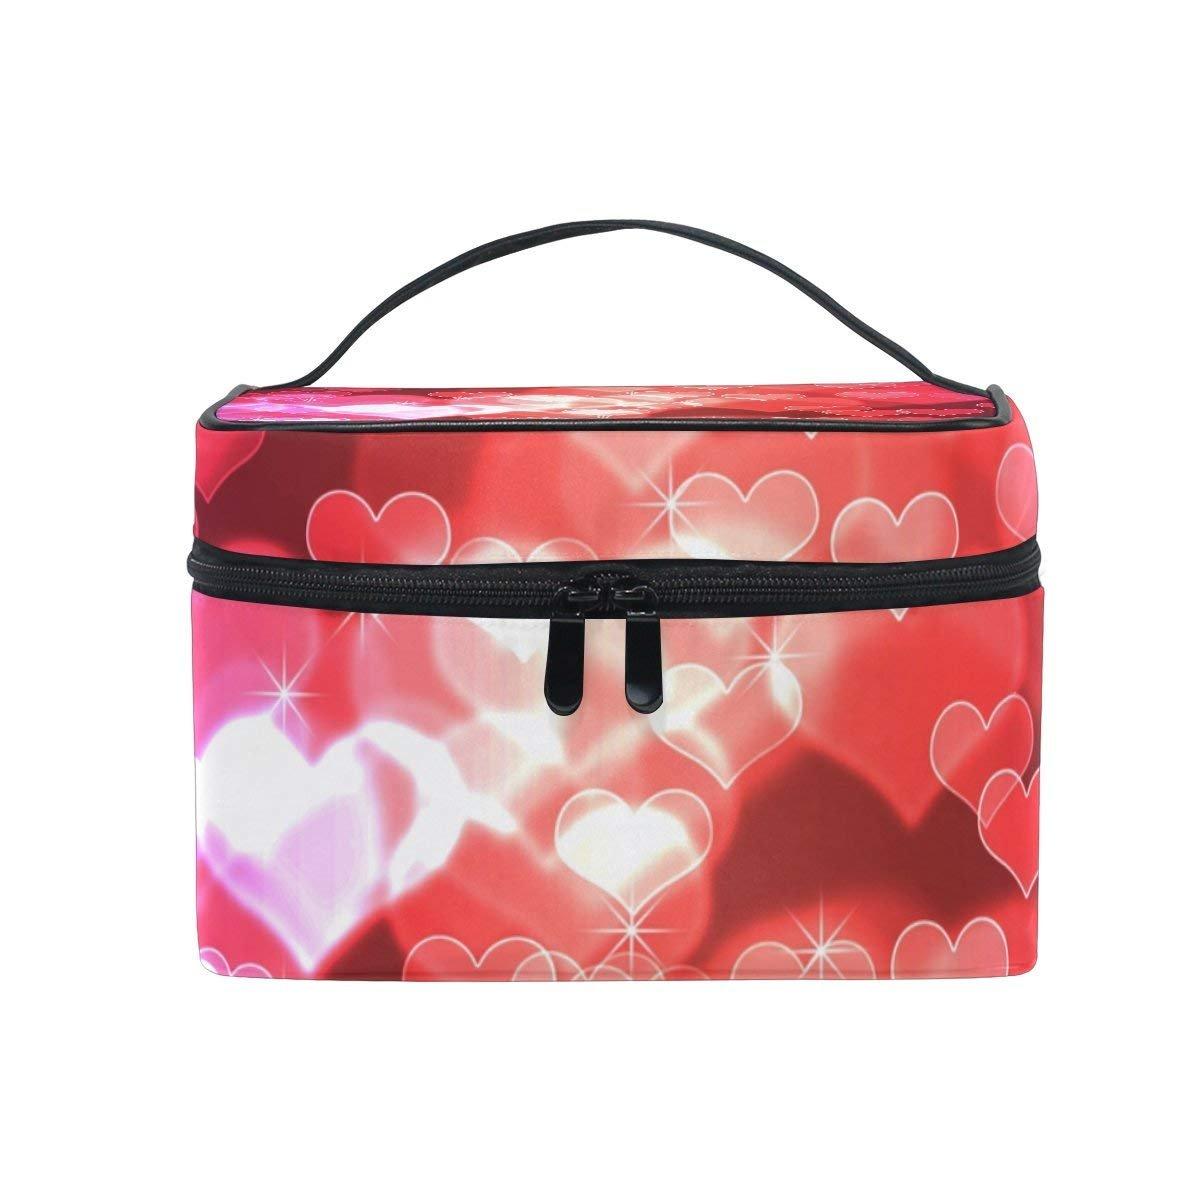 Makeup Bag Bling Love Heart Mens Travel Toiletry Bag Mens Cosmetic Bags for Women Fun Large Makeup Organizer